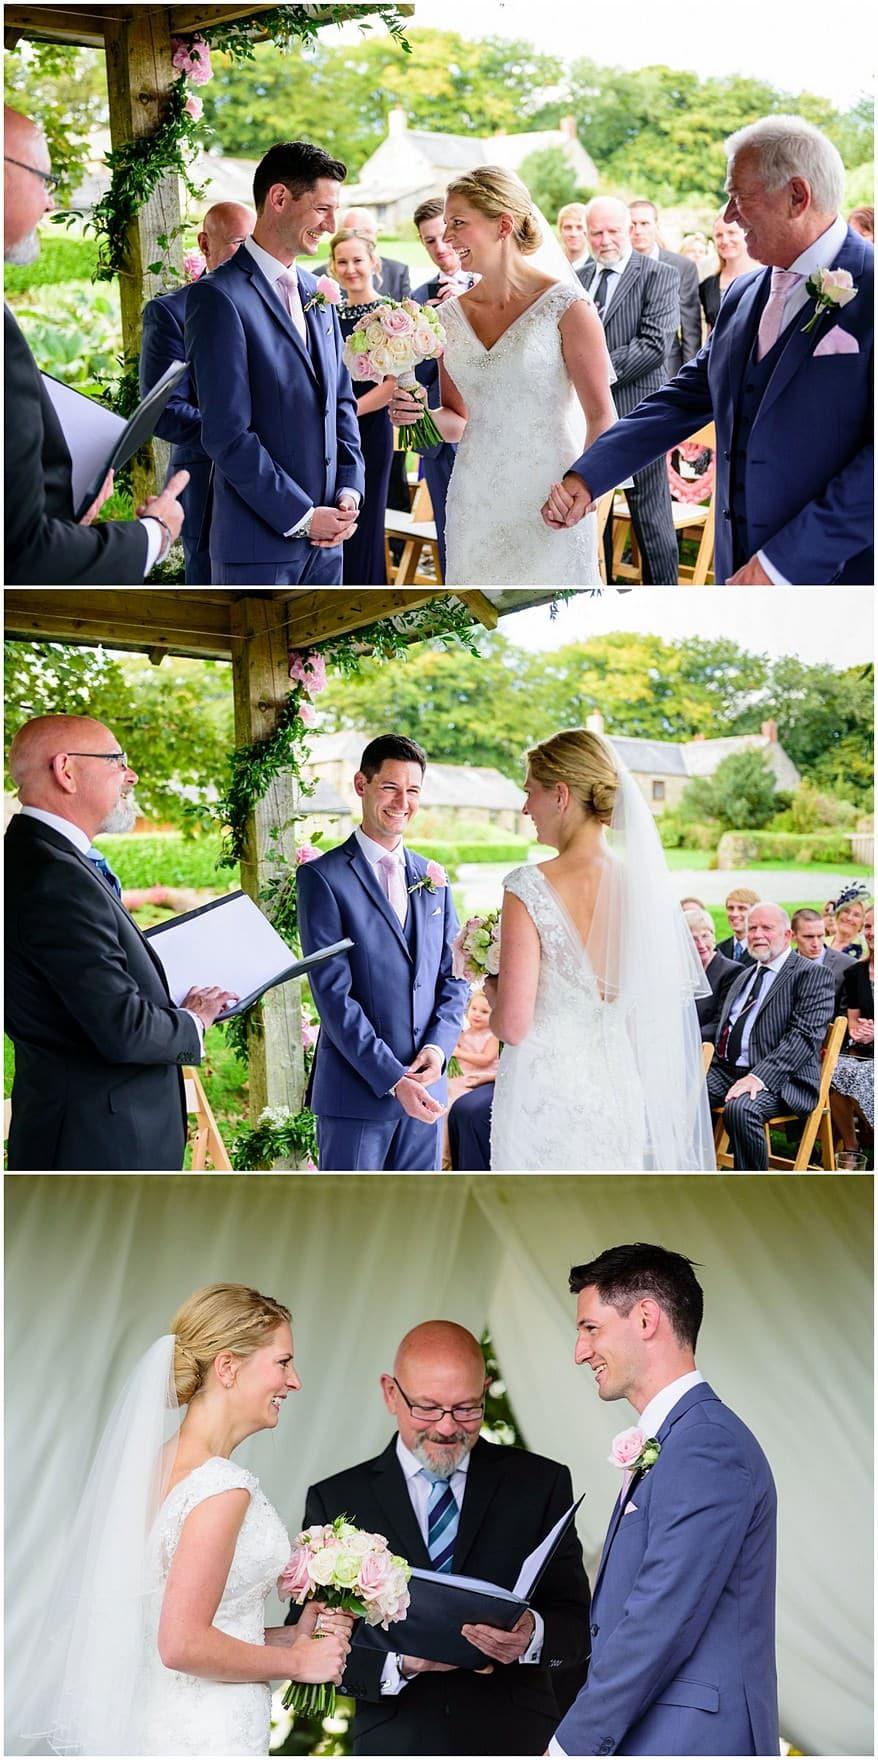 wedding ceremony at Trevenna barns